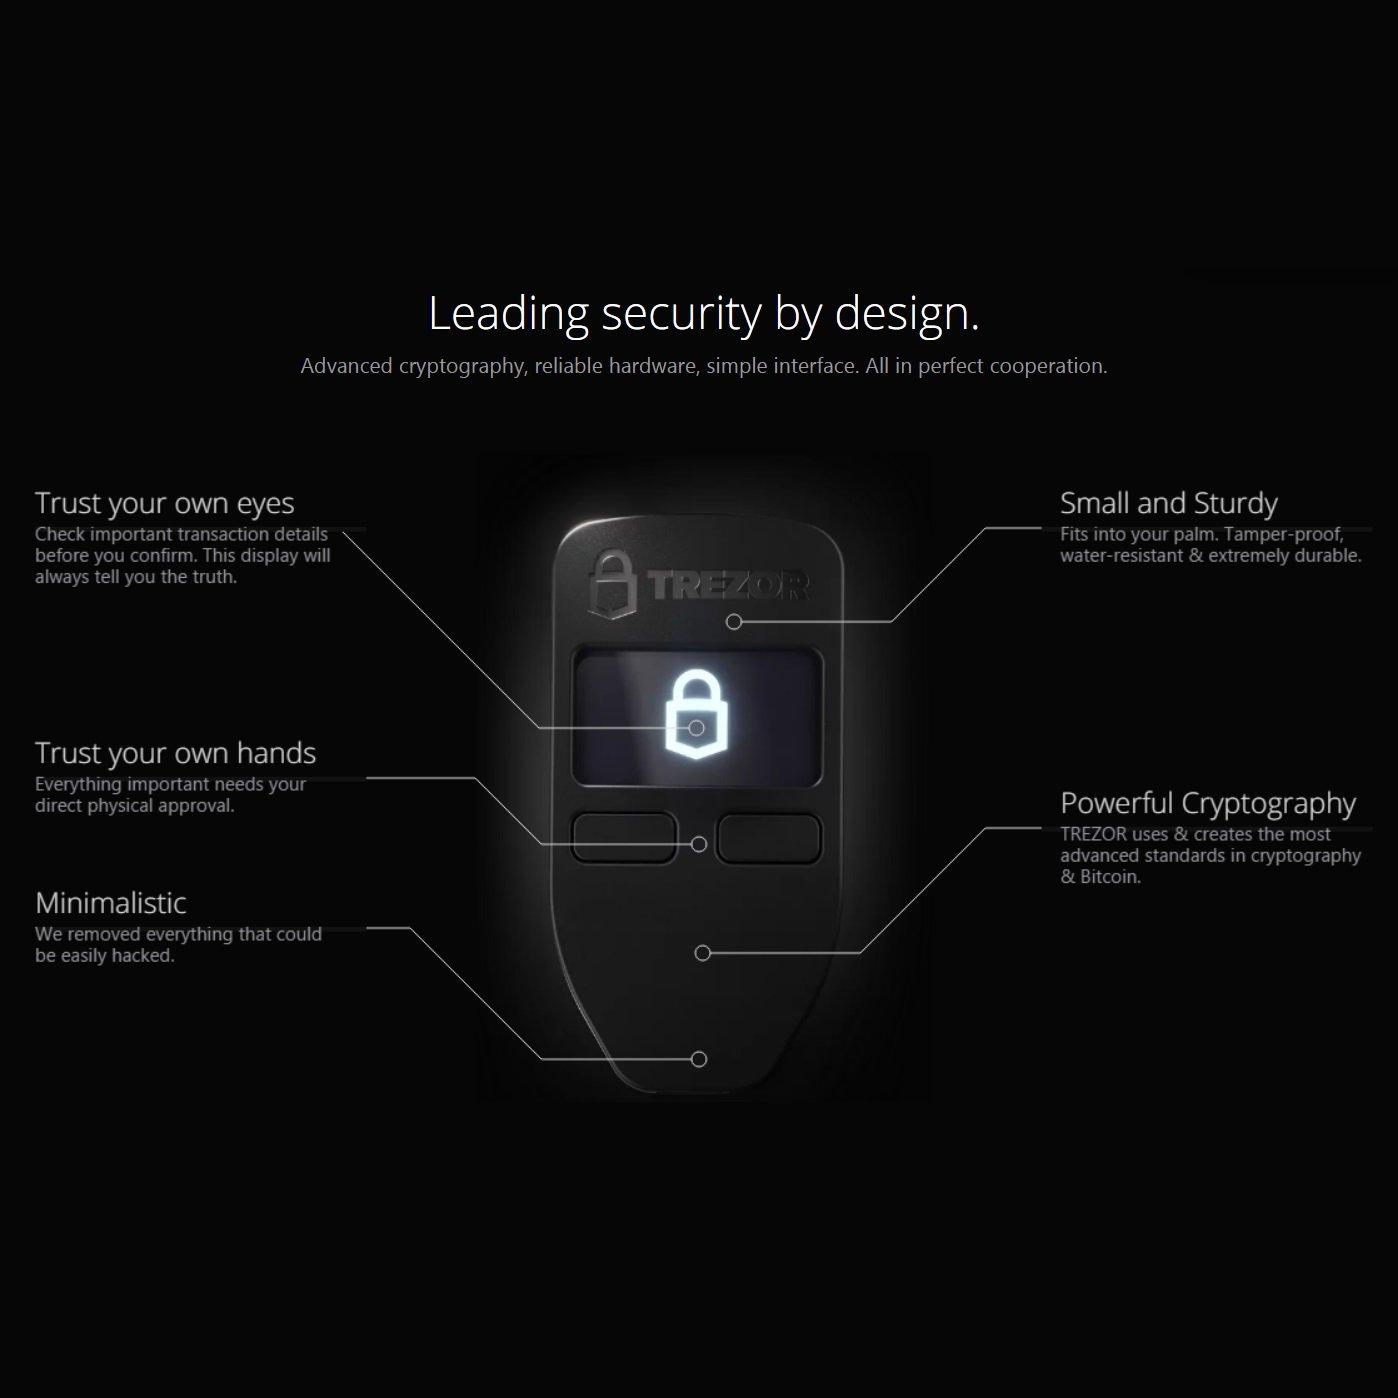 Trezor - criptomoneda hardware wallet para el almacenamiento seguro de Bitcoin, Etereum (todo ERC20 tokena) y muchos otros Altcoins, BONO frisbee